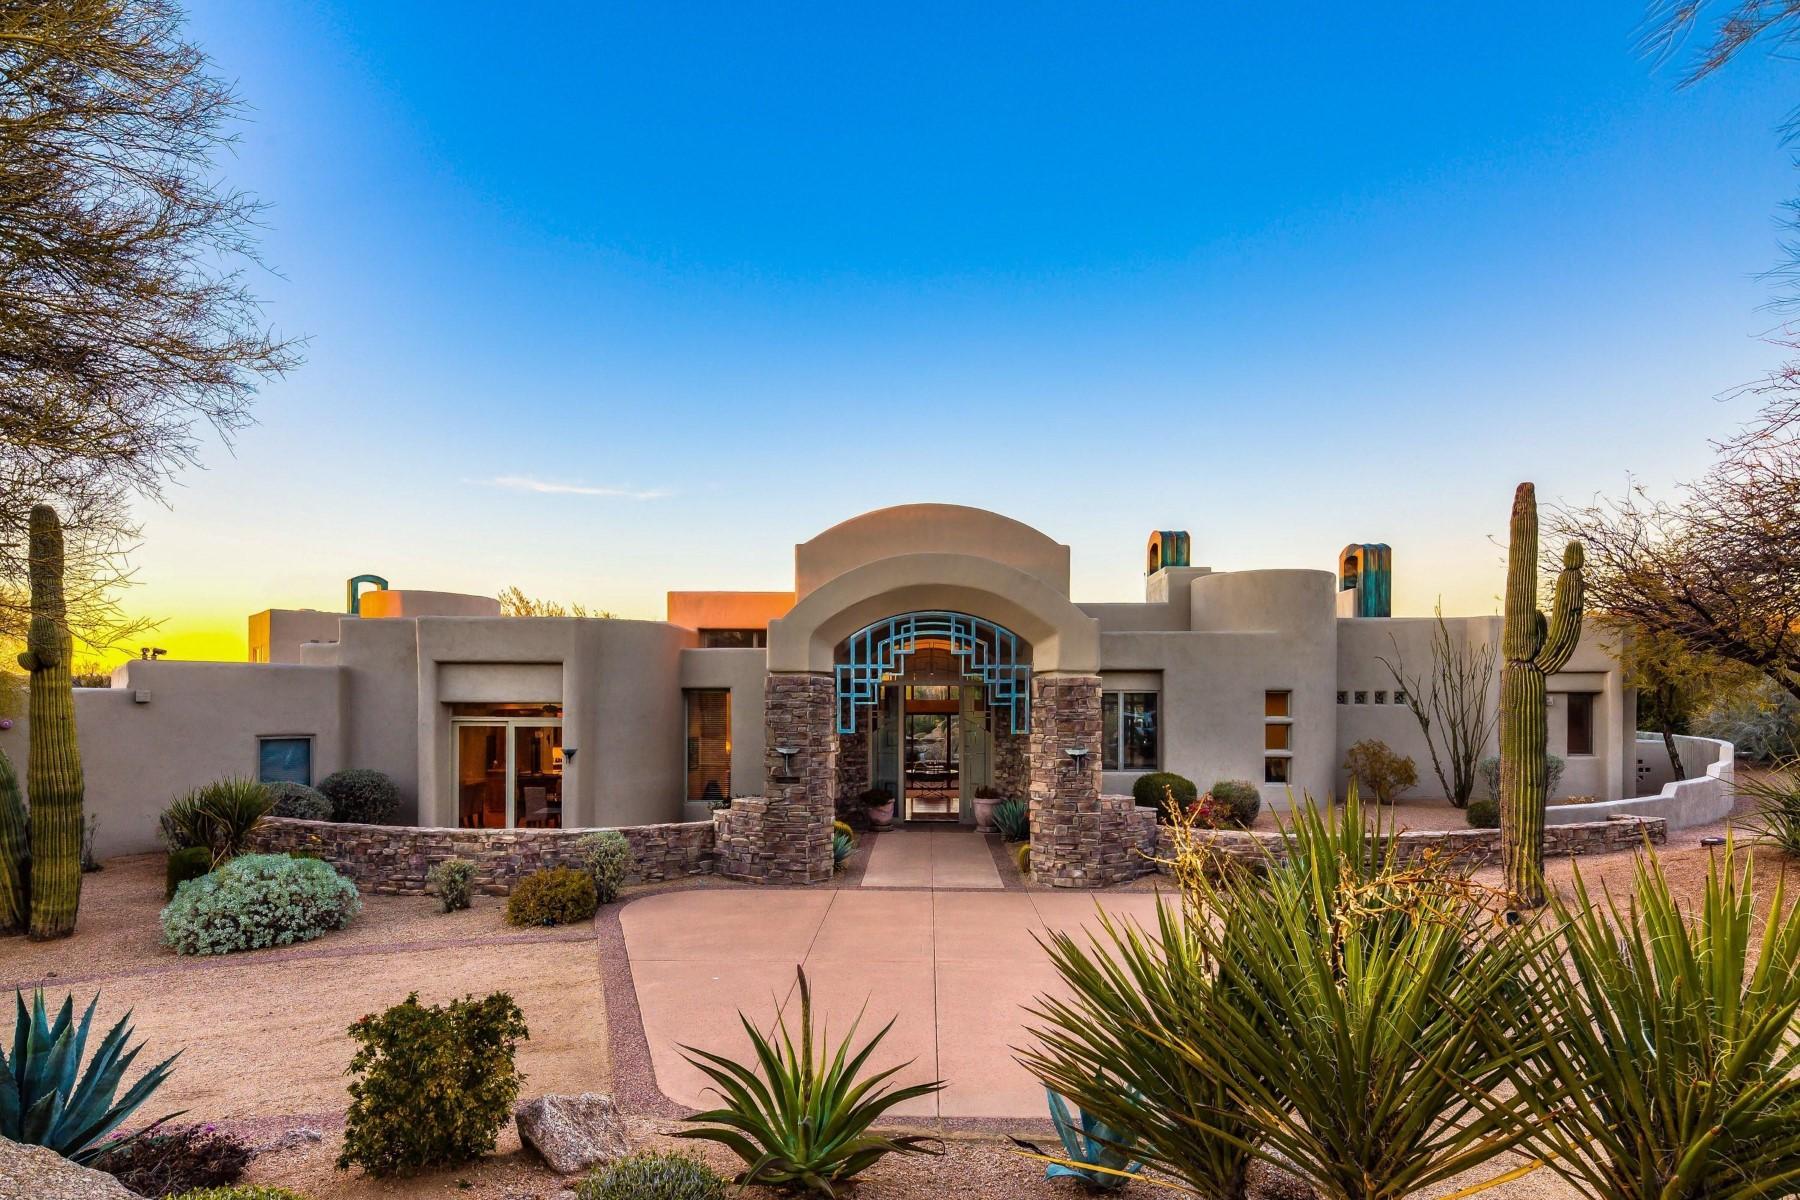 独户住宅 为 销售 在 Candlewood Estates At Troon North 10546 E Monument Dr, 斯科茨代尔, 亚利桑那州, 85262 美国